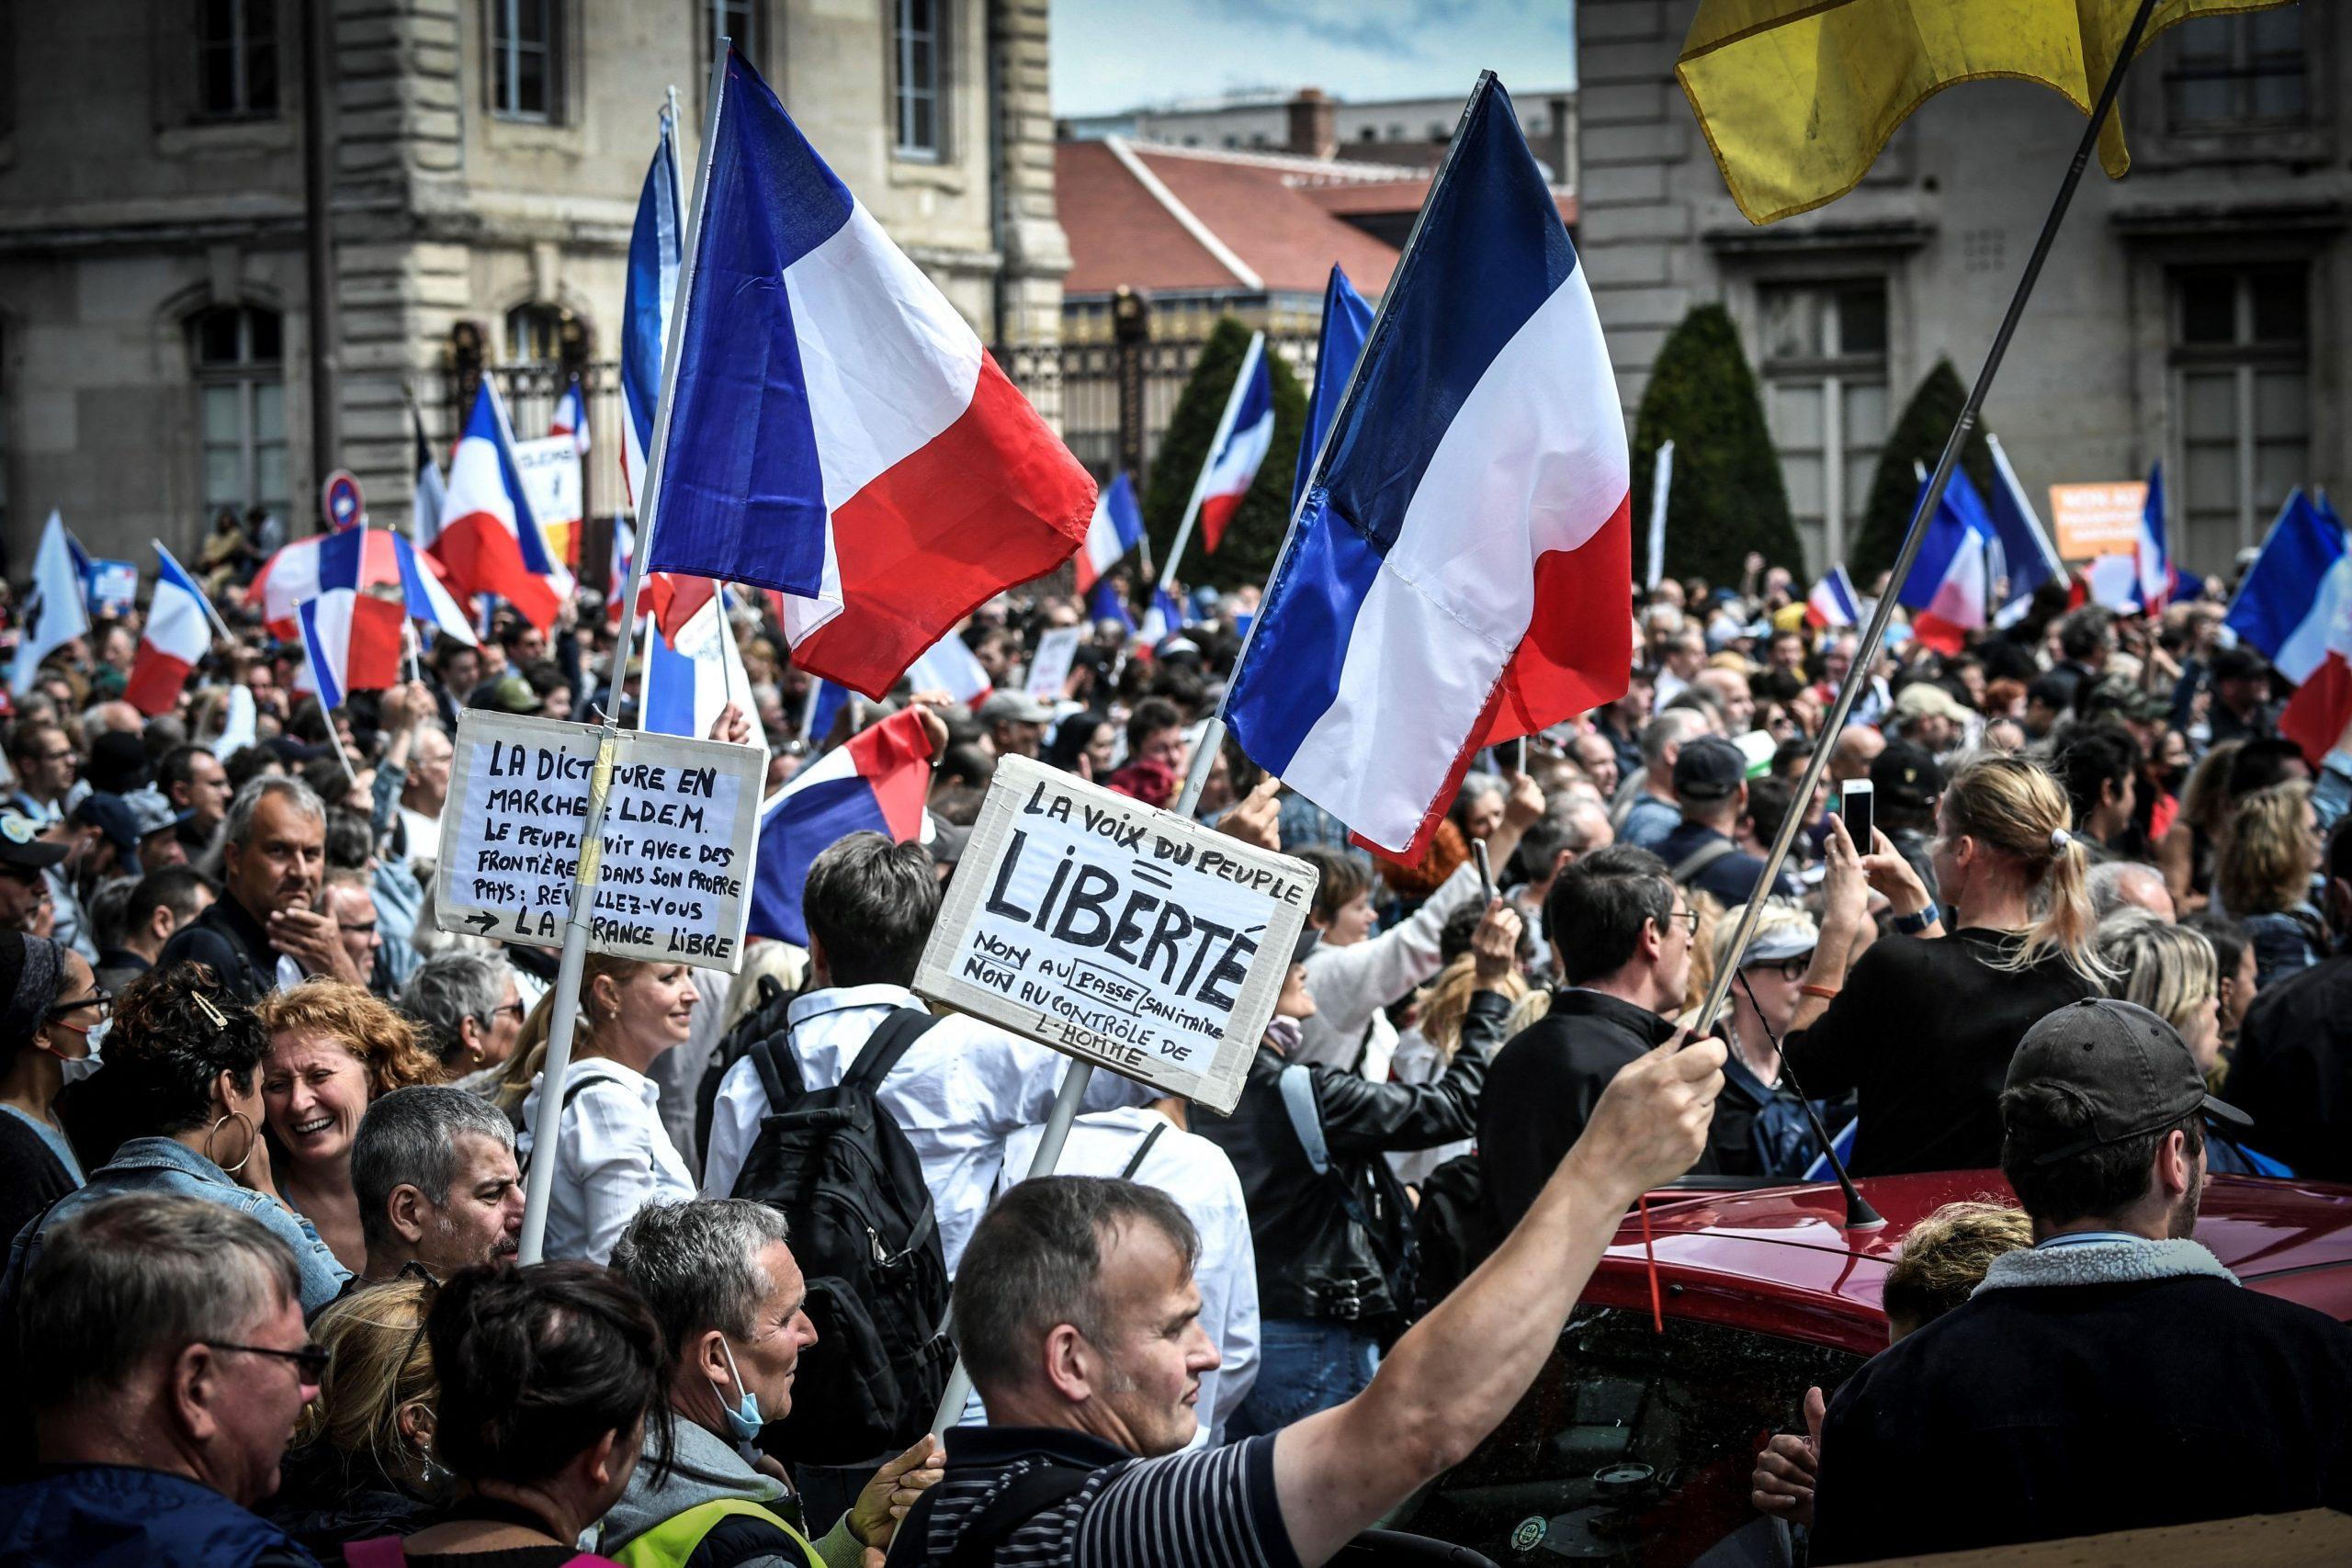 237.000 Demonstranten: Rekordteilnahme bei Protesten gegen verschärfte Corona-Regeln in Frankreich